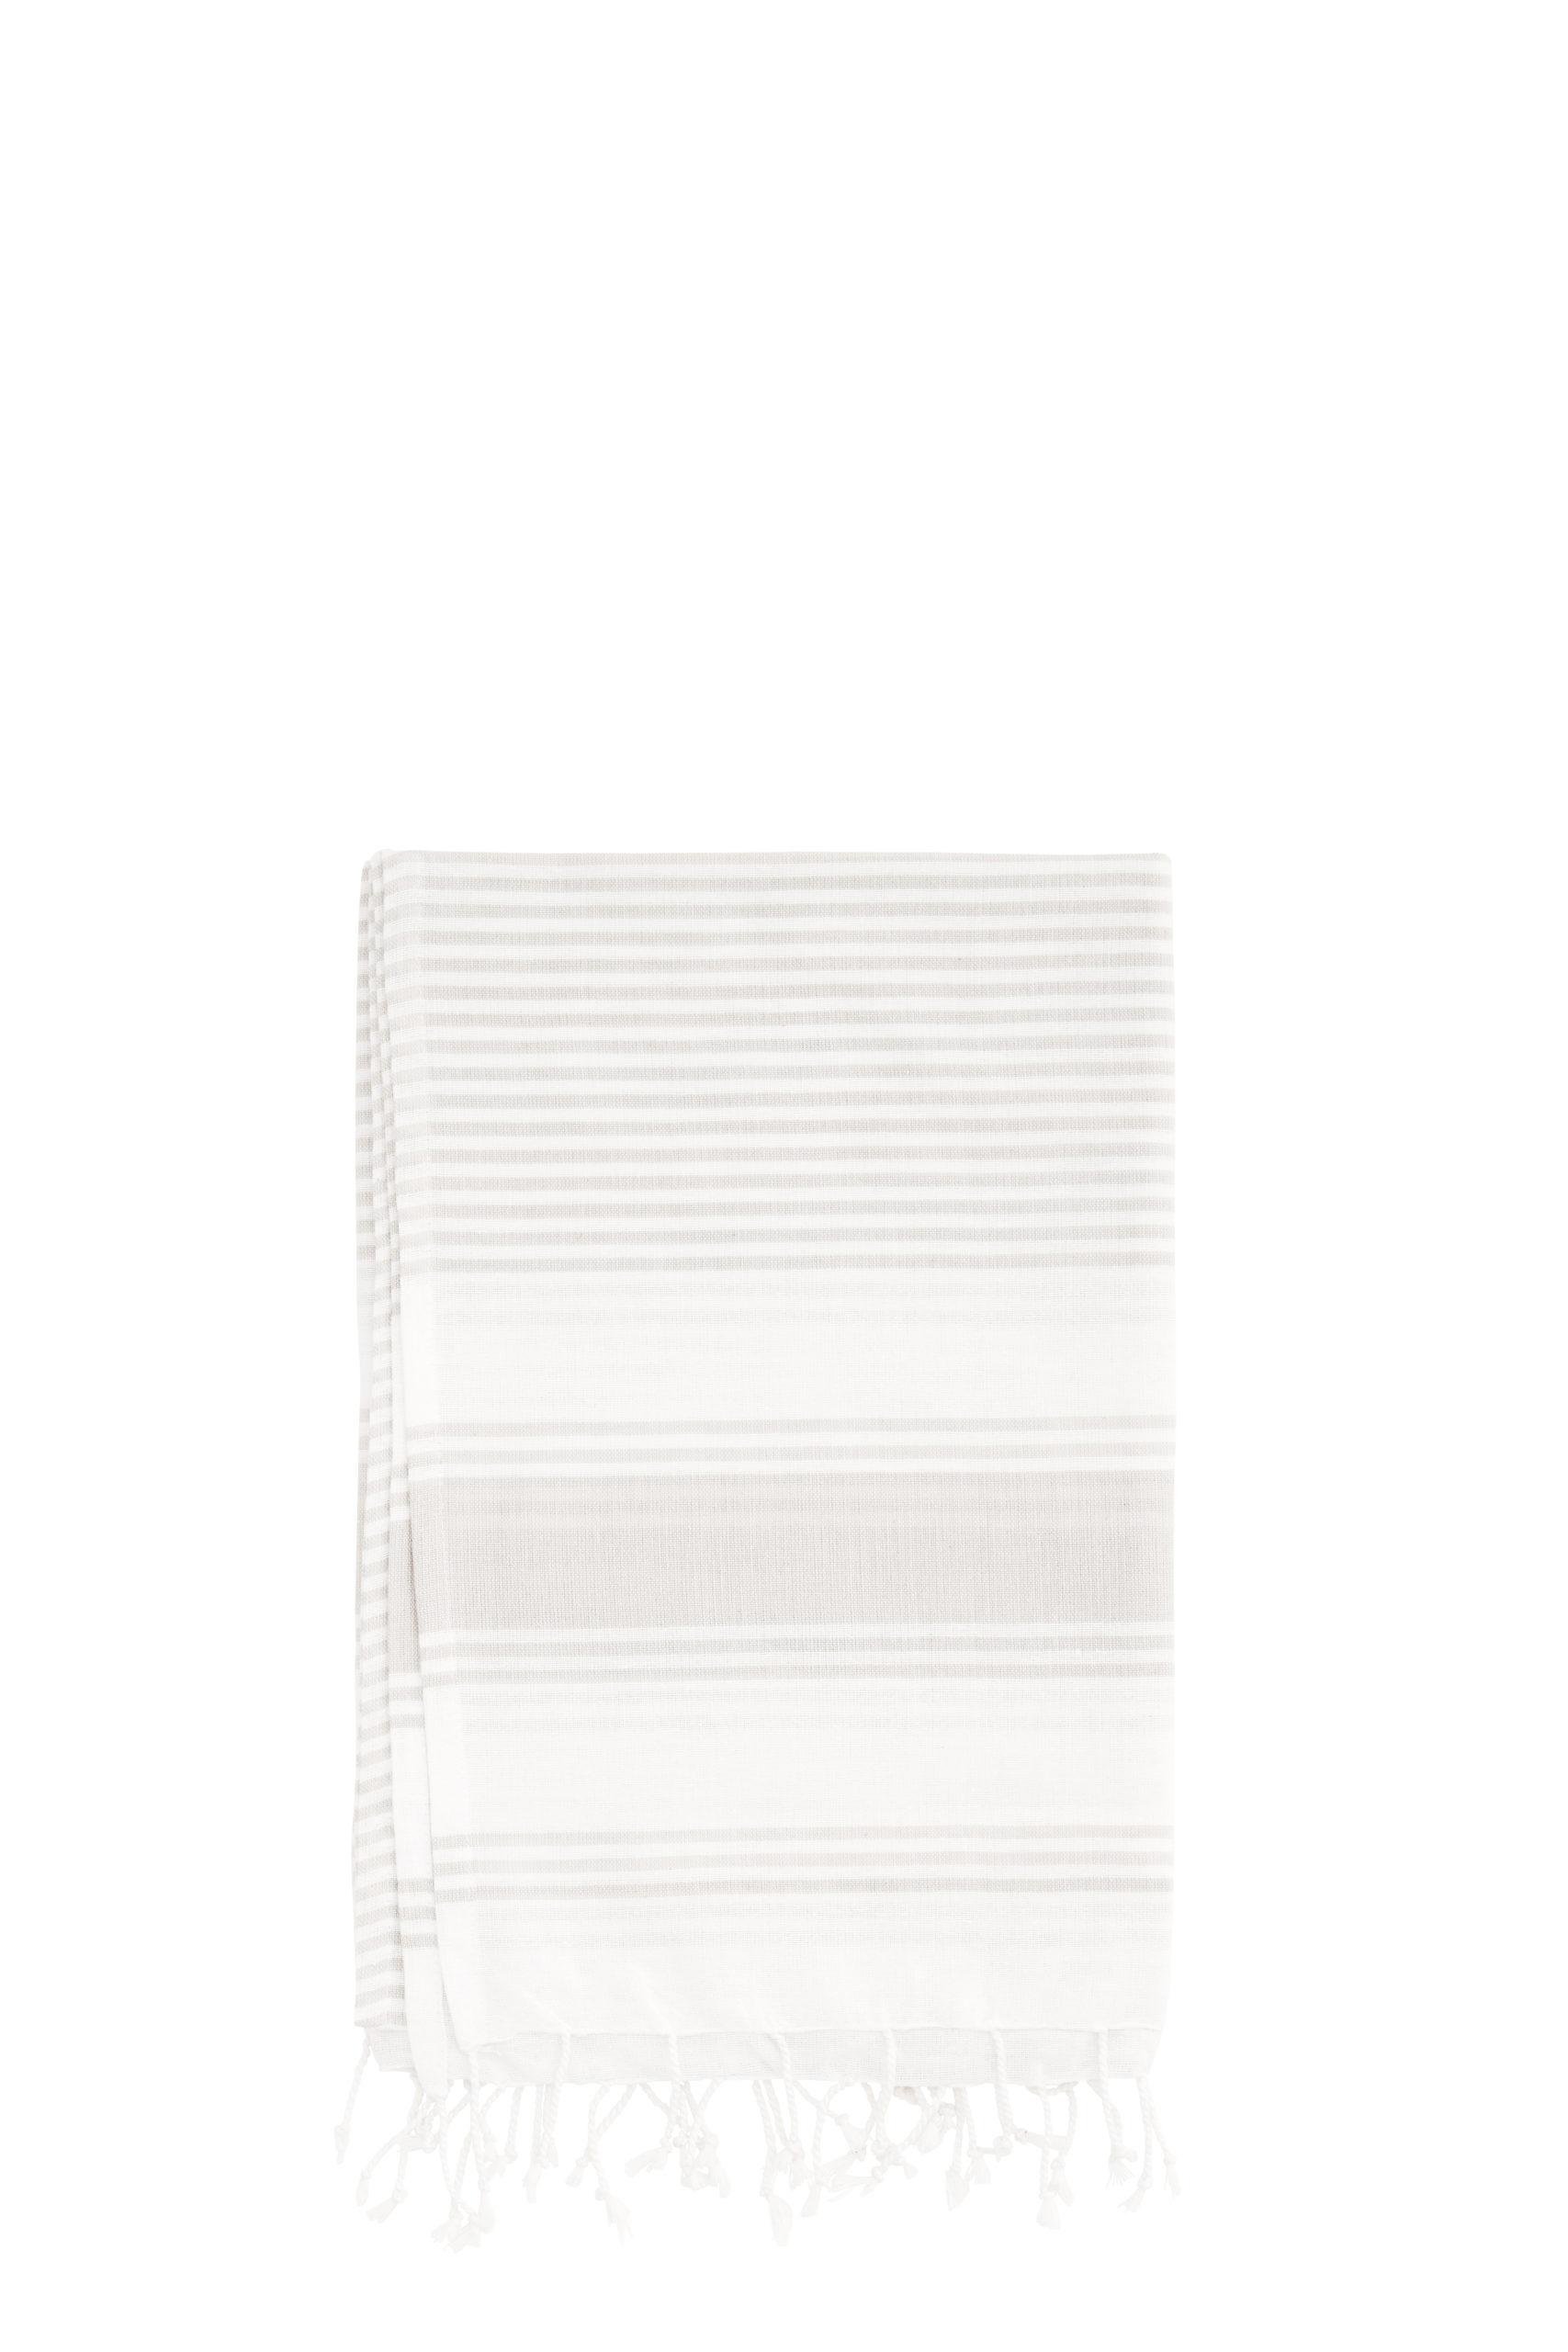 Fouta  simple lignée greige/blanc pur coton Madam Stoltz